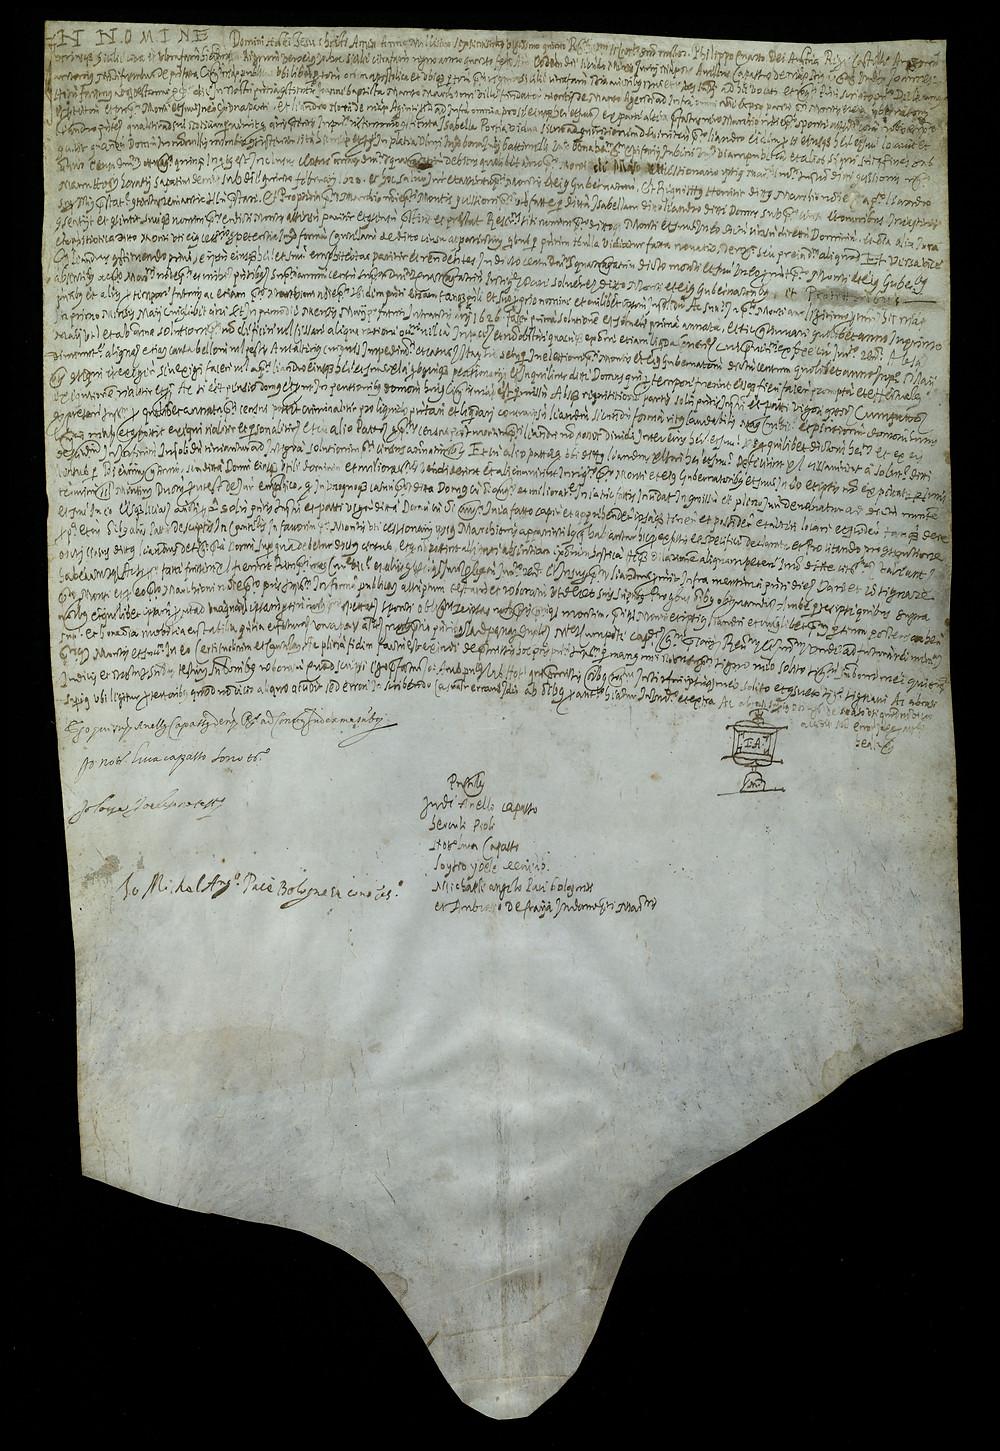 ASMM Ad/52 2 giugno 1625 Istrumento di obbligo per notar Giov. Antonio Montefusco di Napoli col quale Leandro Noni si obbliga di pagare a D. Giovan Battista Manso annui ducati 43 di censo su una casa in Napoli nella piazza dell'Olmo.